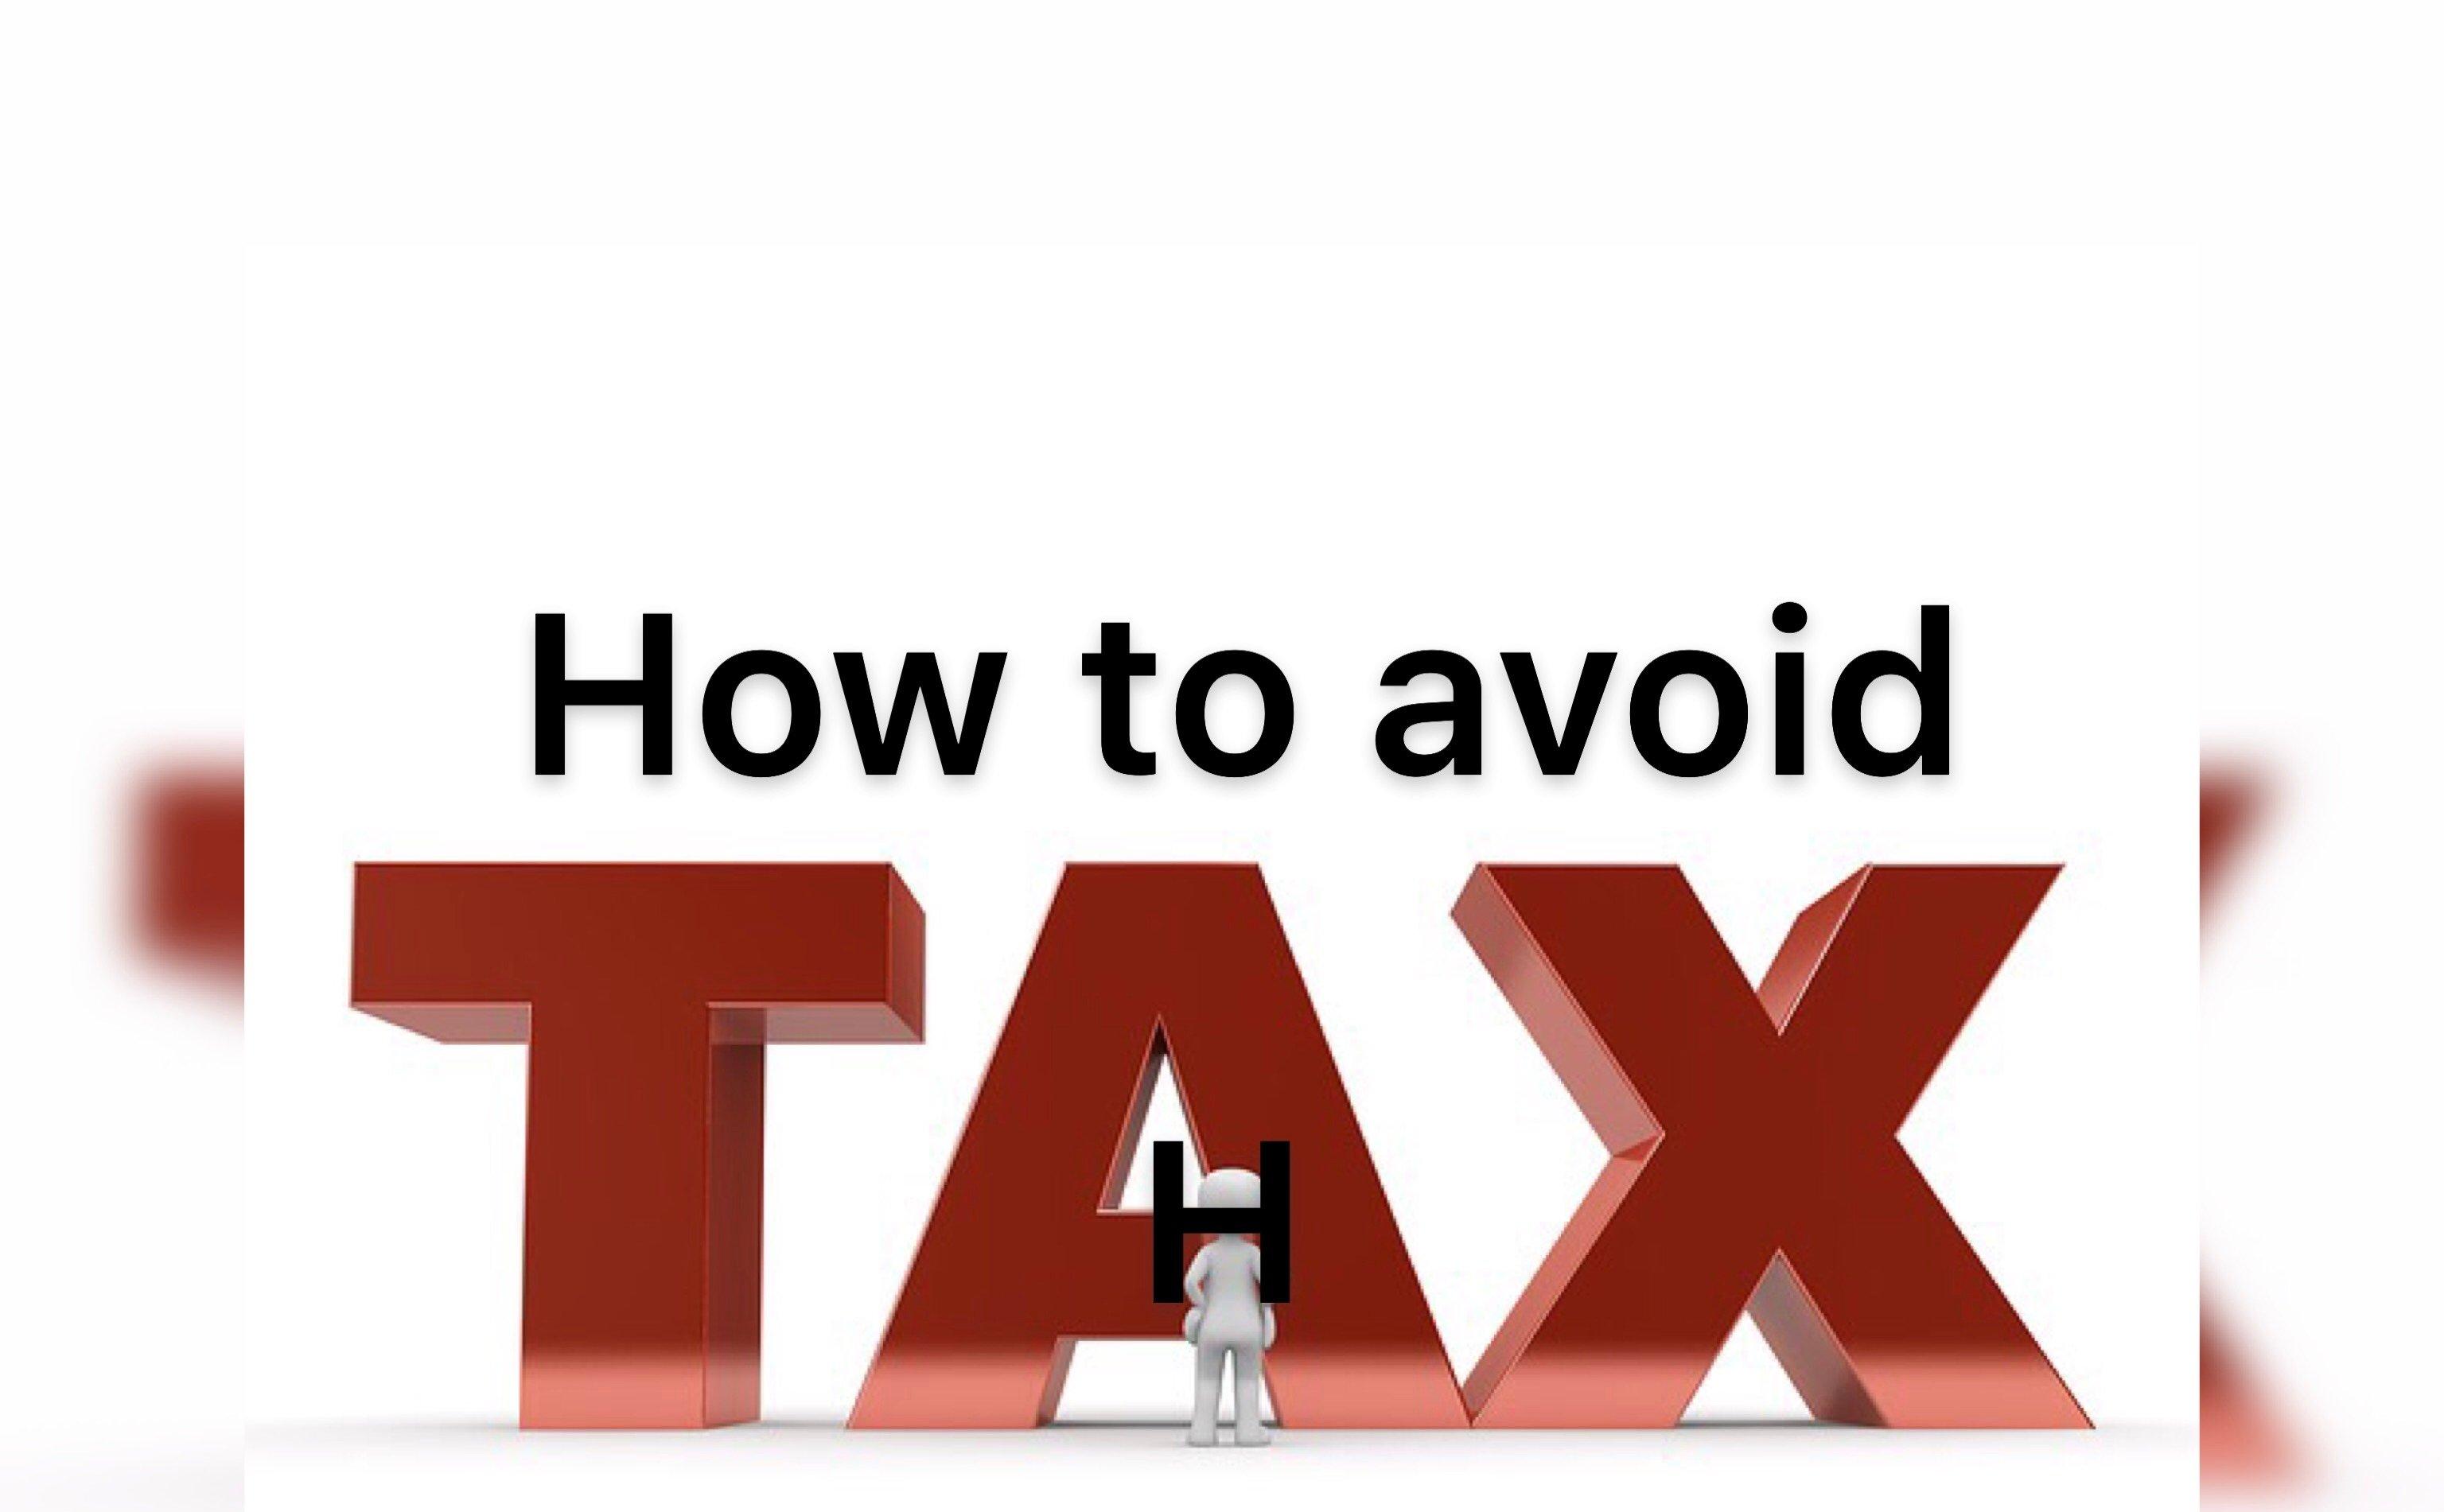 avoid tax